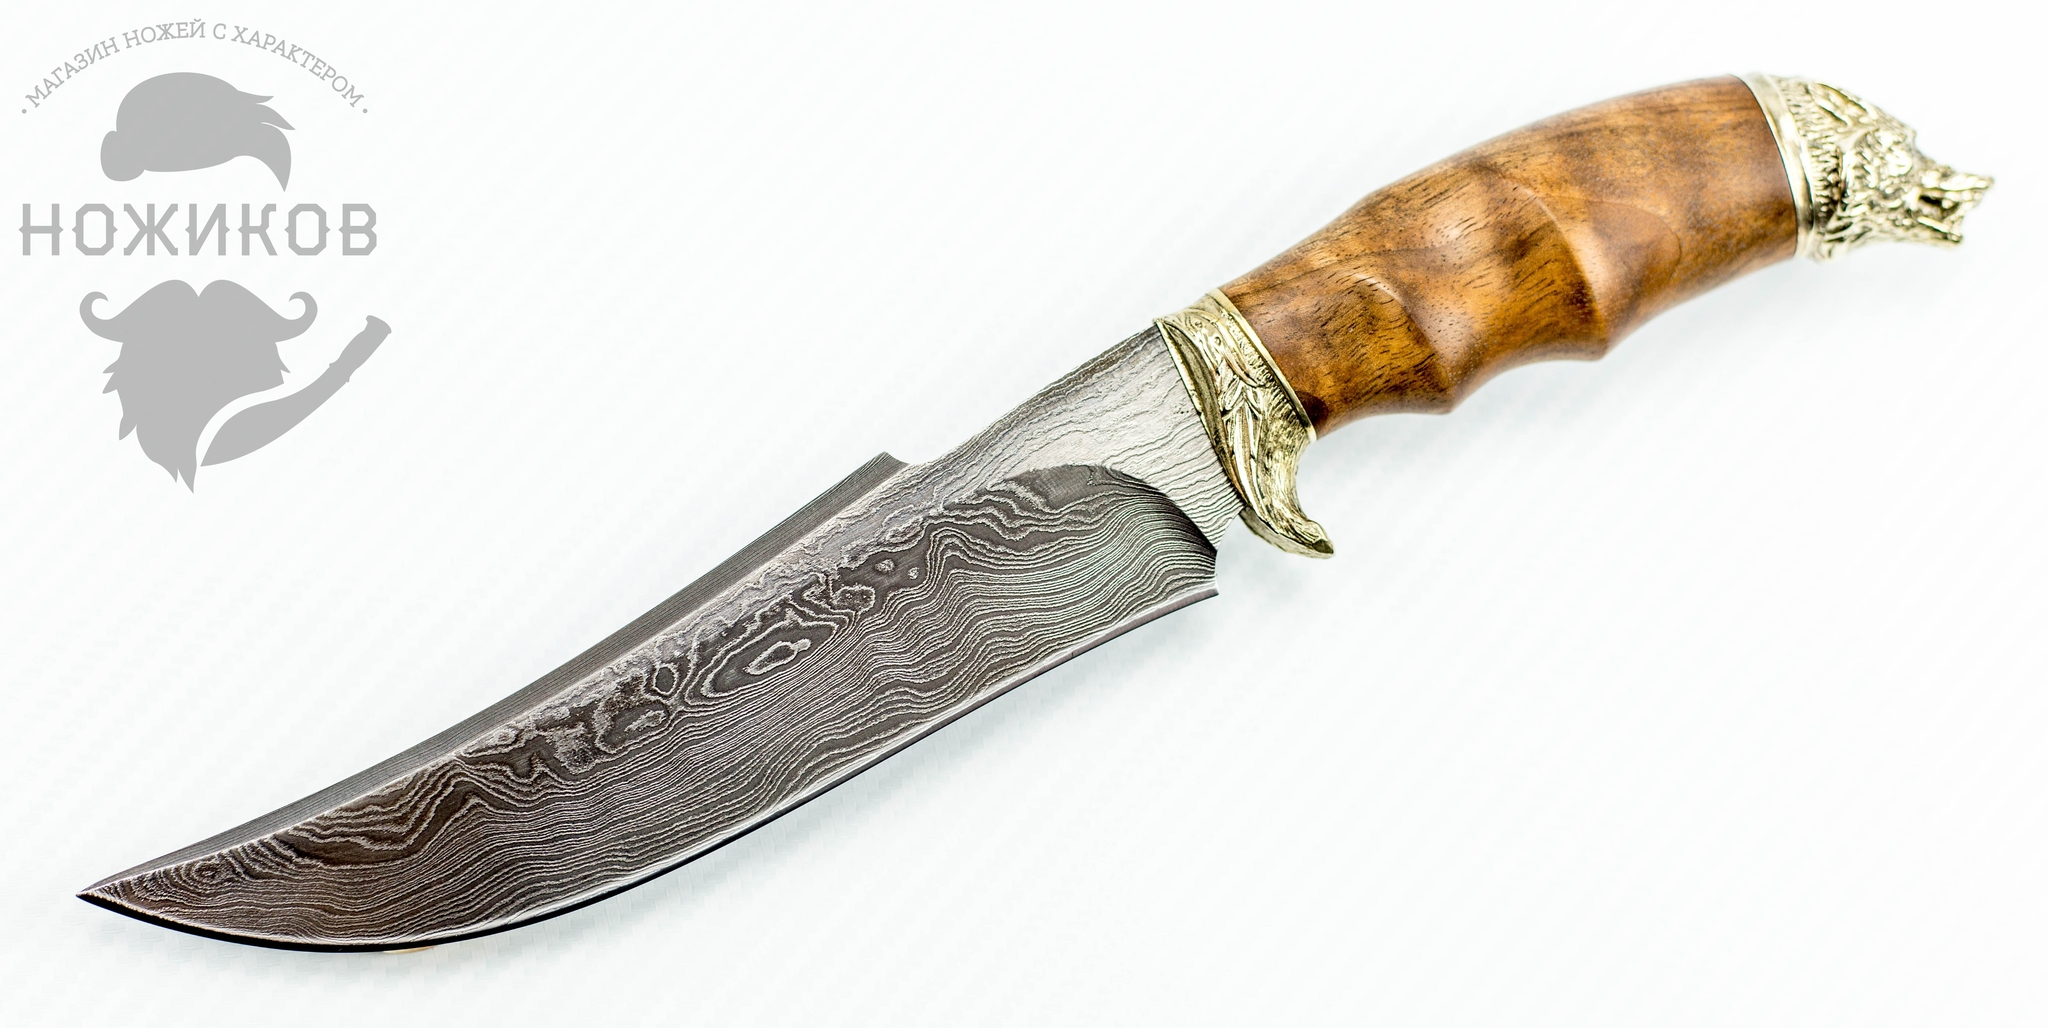 Авторский Нож из Дамаска №57, Кизляр авторский нож из дамаска 25 кизляр